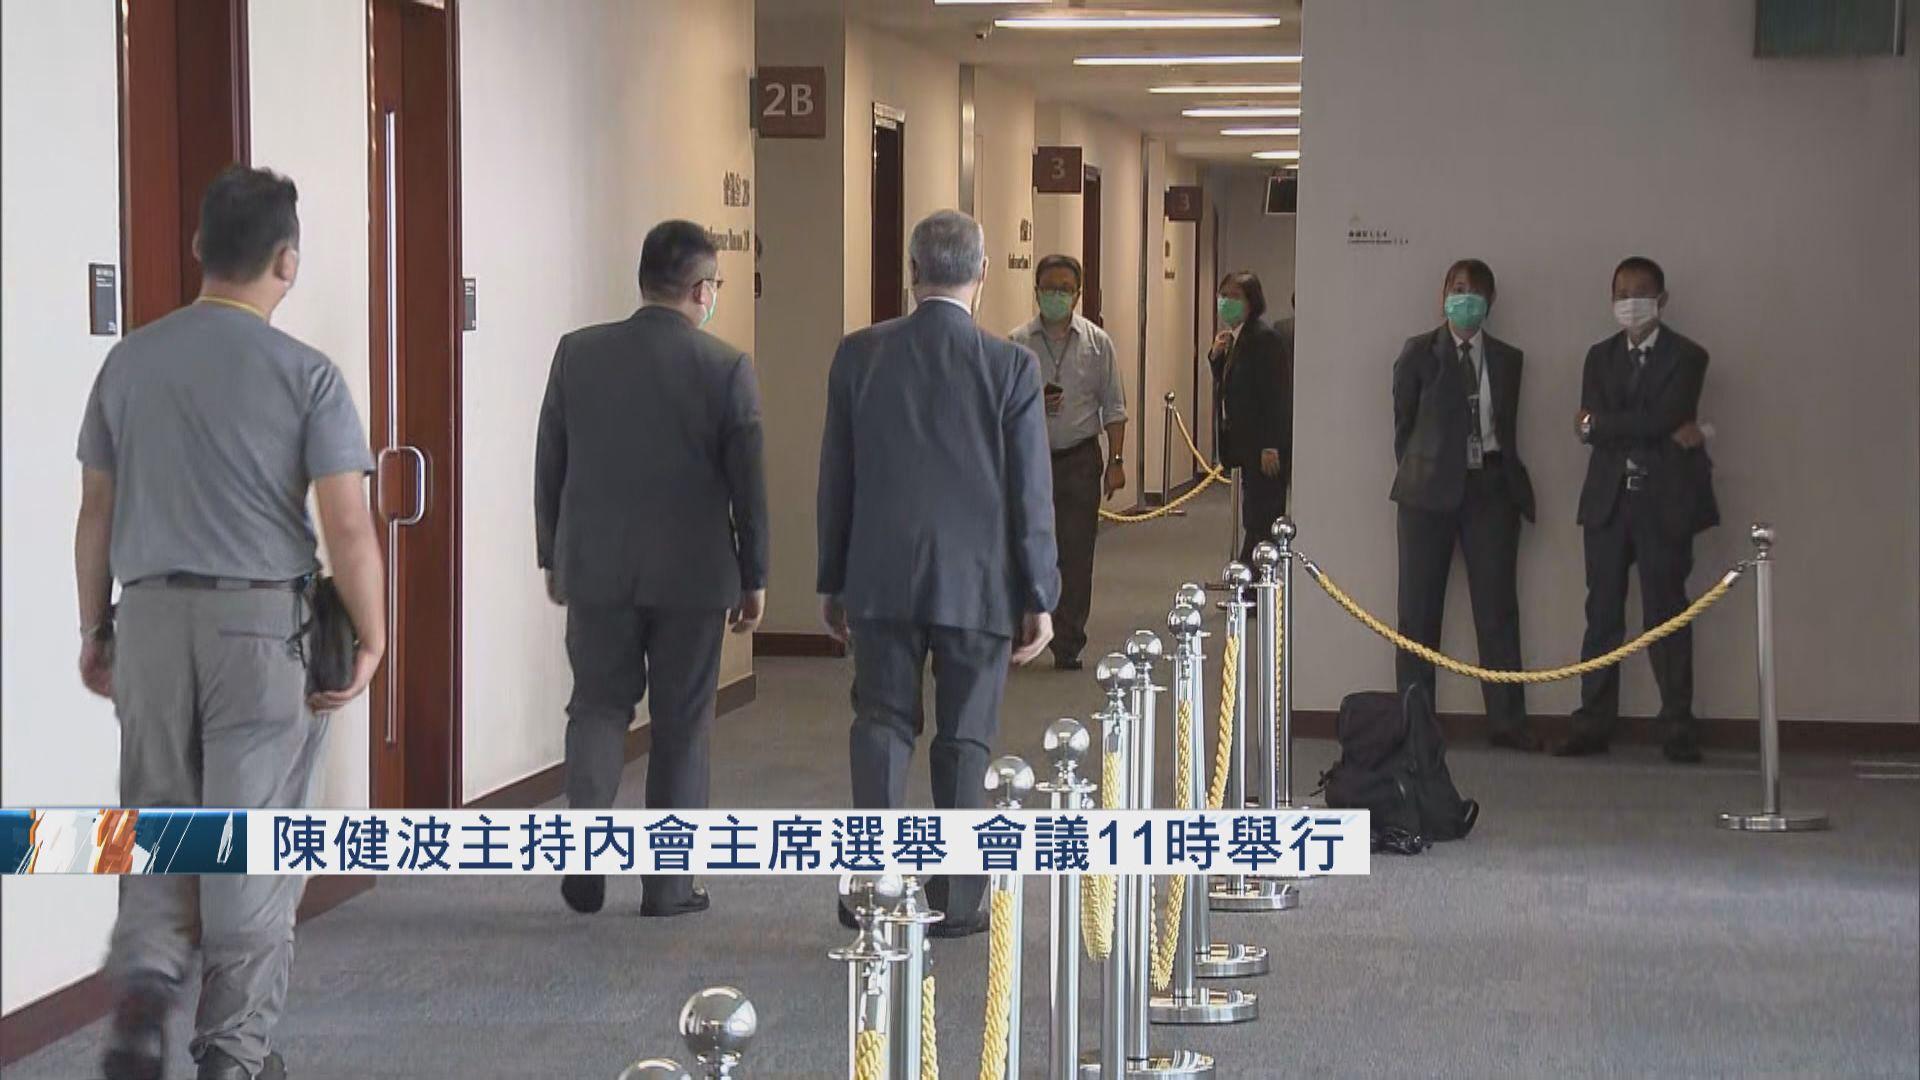 陳健波主持內會主席選舉 會議11時舉行